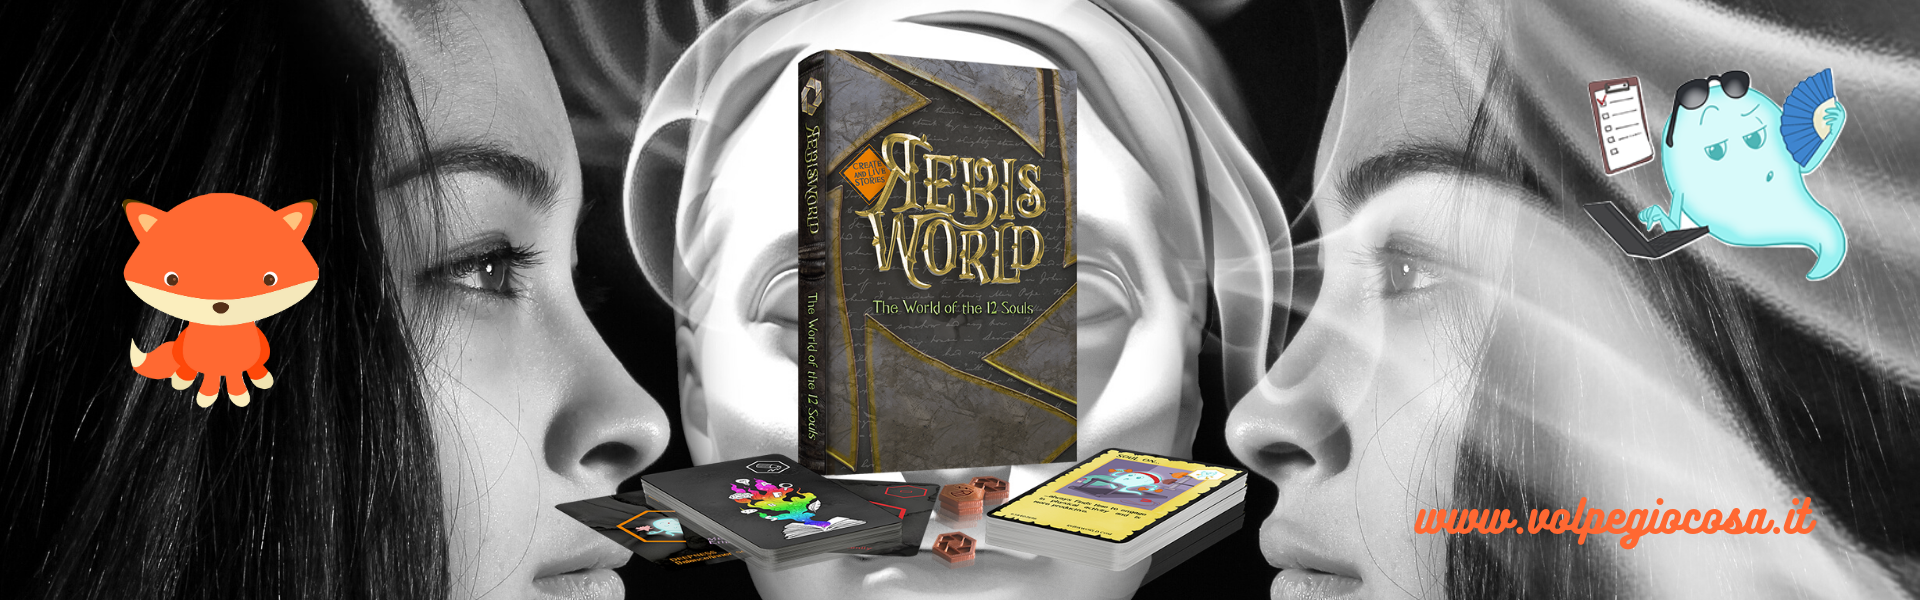 Rebisworld: la tua storia attraverso una storia collettiva